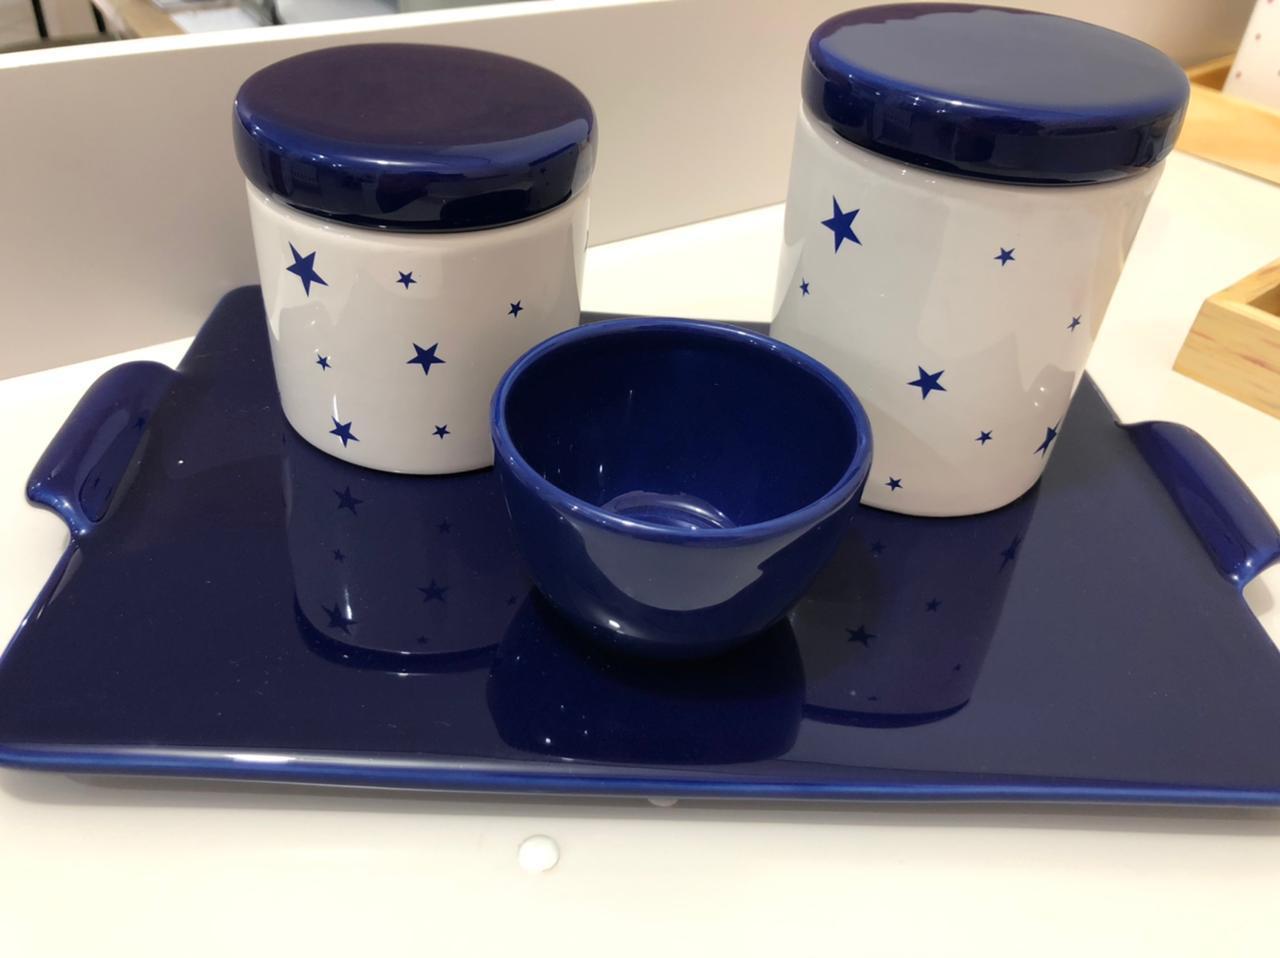 Kit Higiene 4 peças Coleção  Estrela Marinho